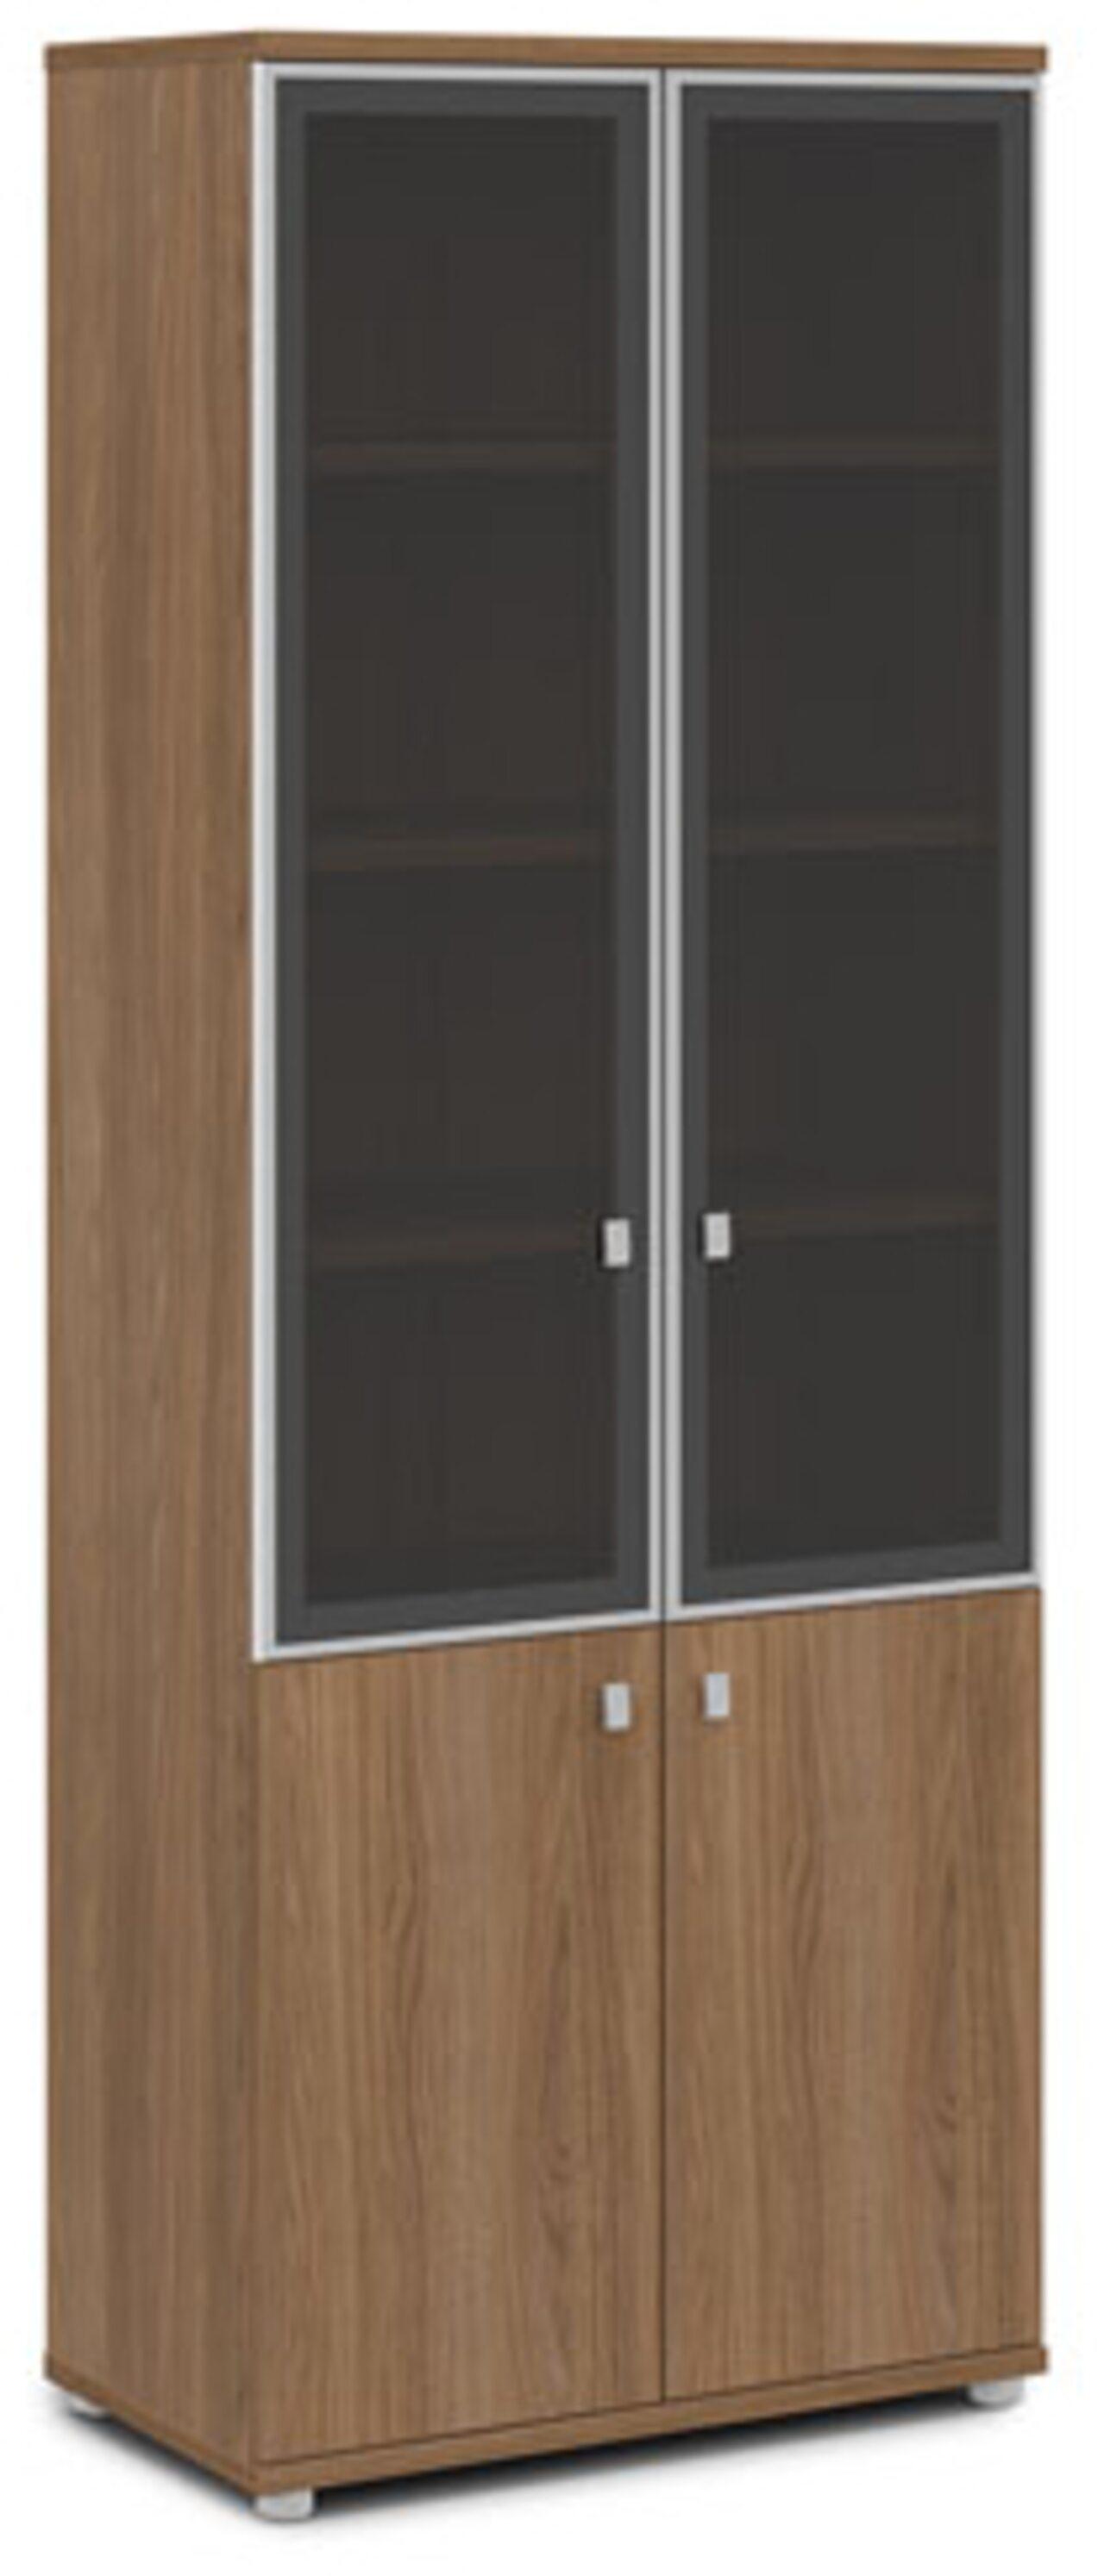 Шкаф со стеклом в алюминиевом профиле - фото 3